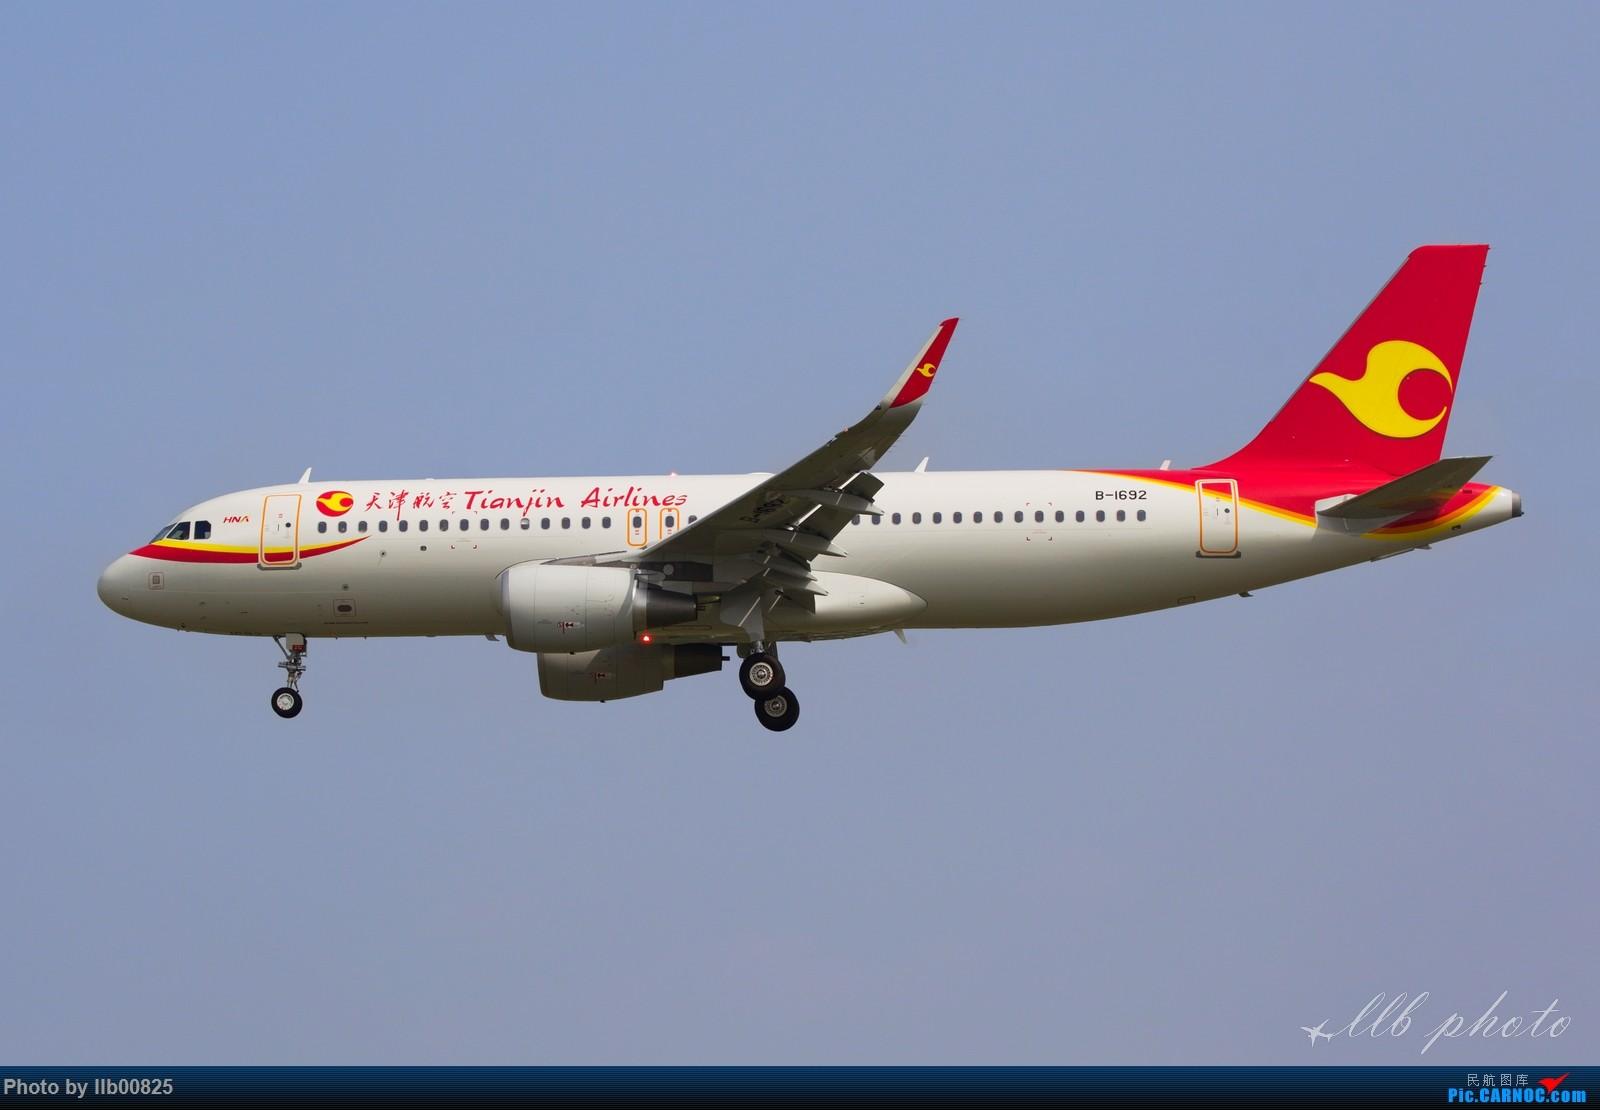 [原创]XIY一图流——天津航空新飞机 AIRBUS A320-200 B-1692 中国西安咸阳国际机场